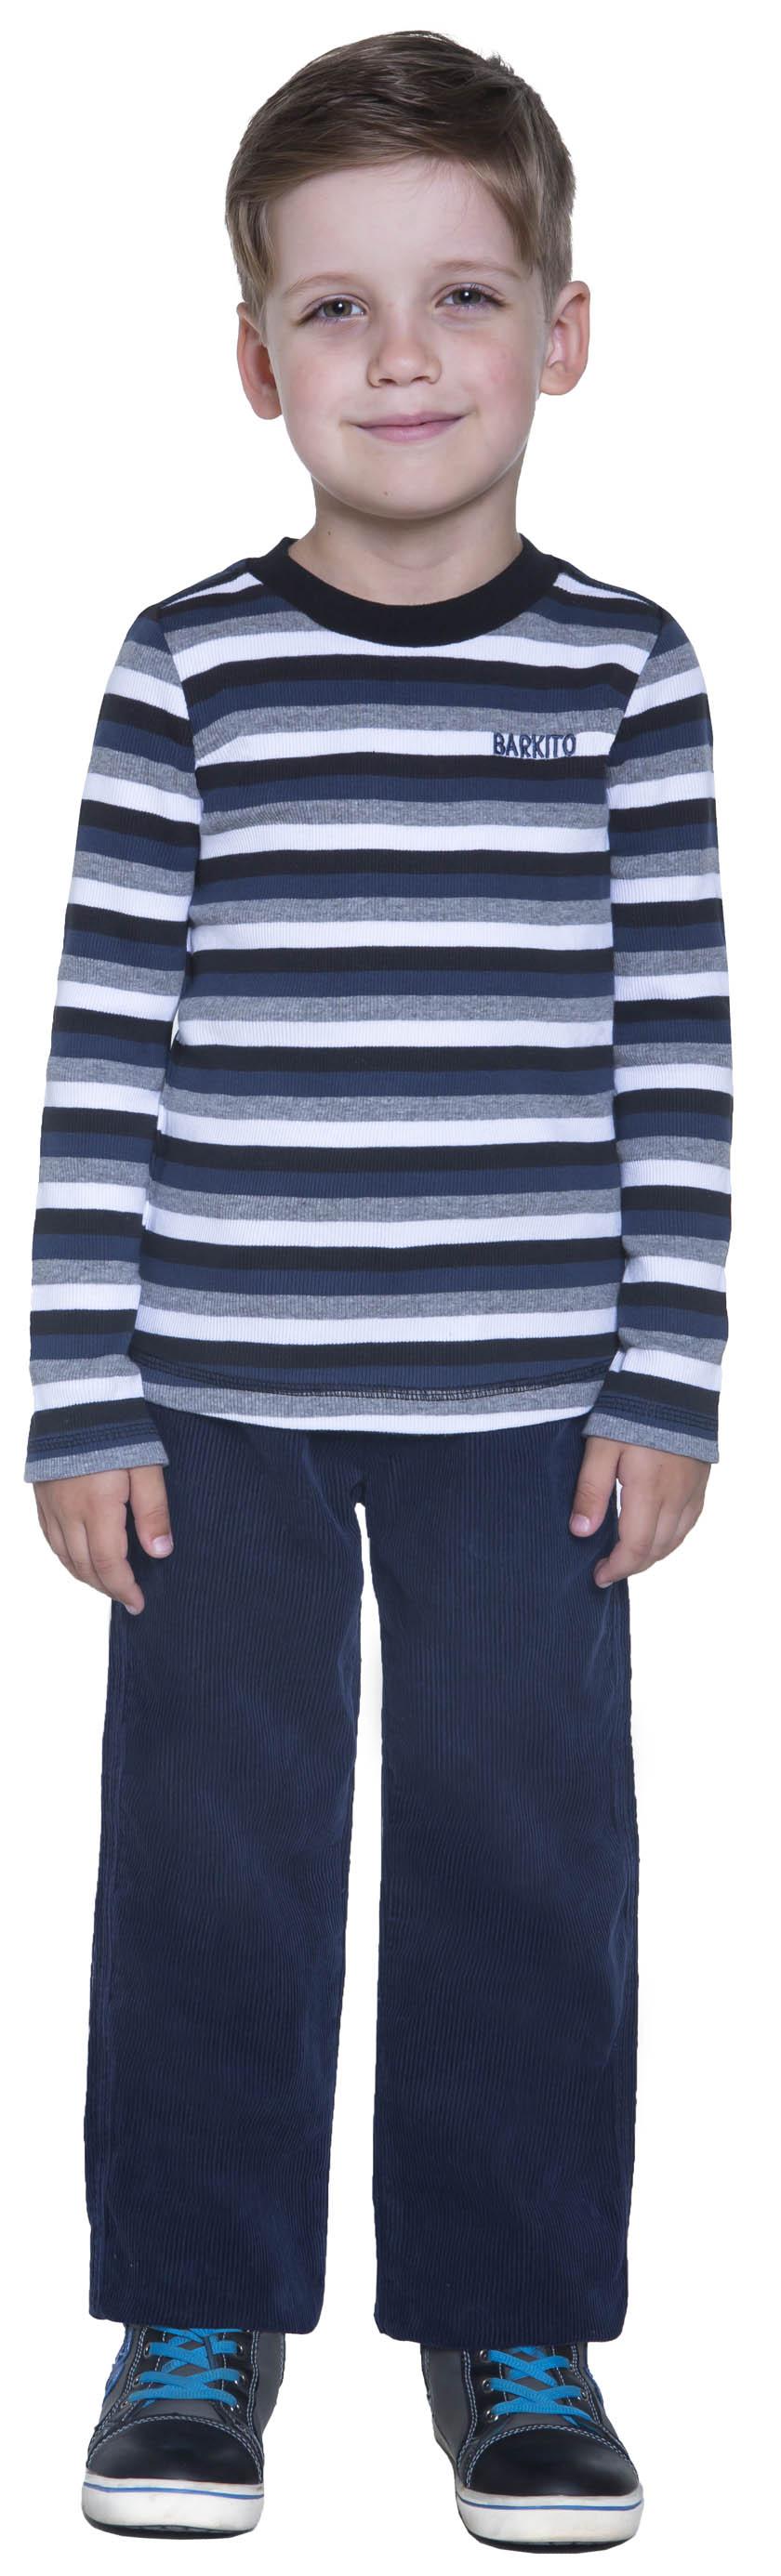 """где купить Футболки Barkito Футболка с длинным рукавом для мальчика Barkito, """"Динамика"""", белая с рисунком """"полоска"""" по лучшей цене"""